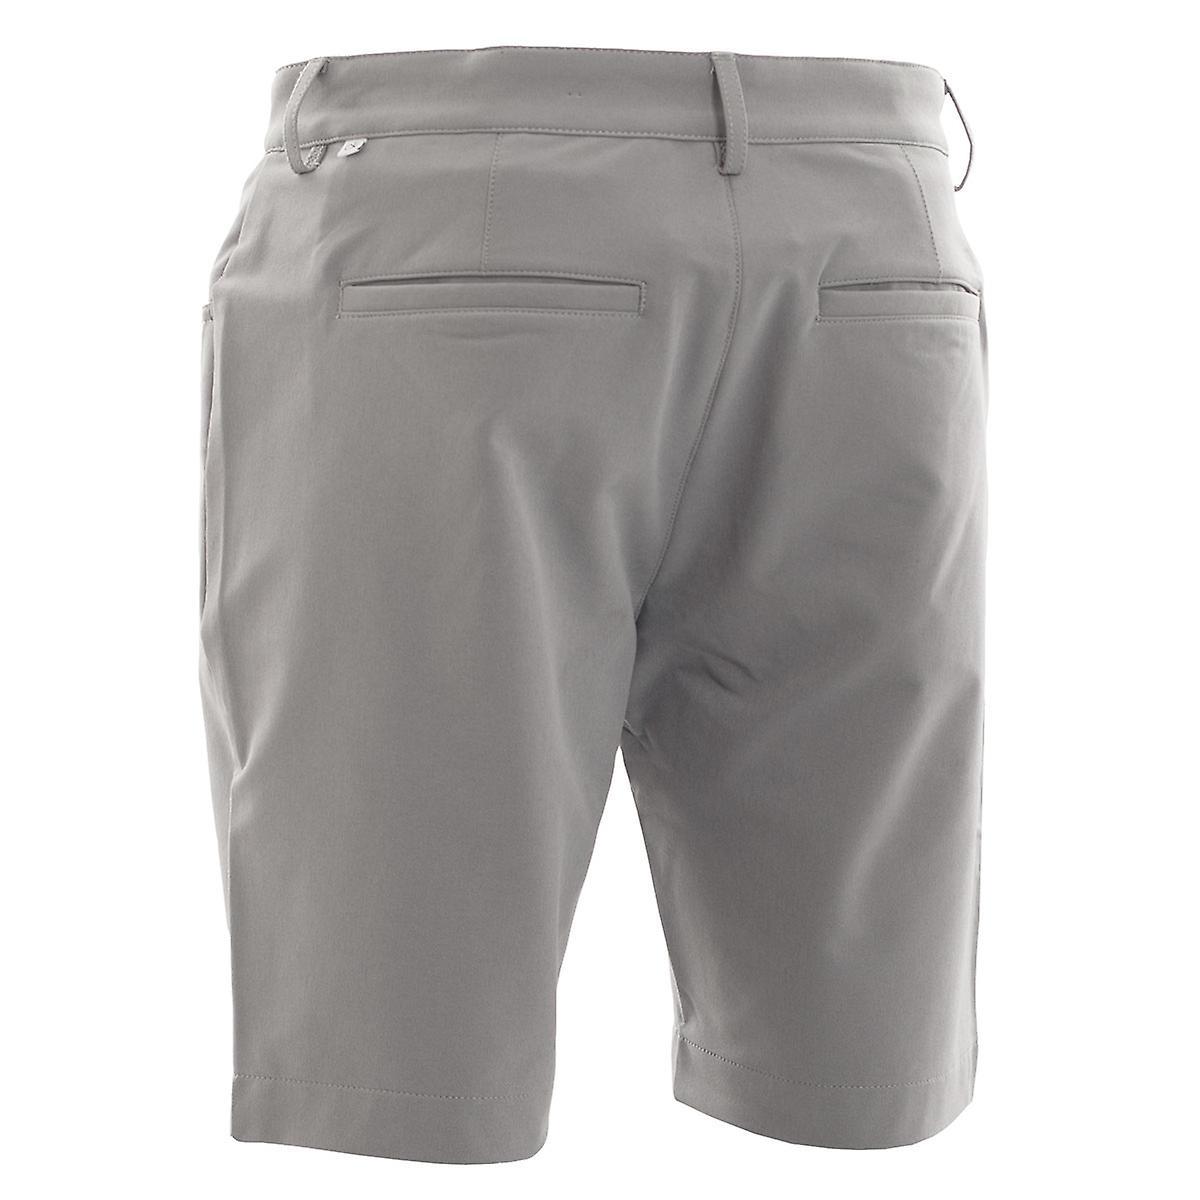 Calvin Klein Herren Genius 4-Way Stretch Shorts CKMS19214 silver